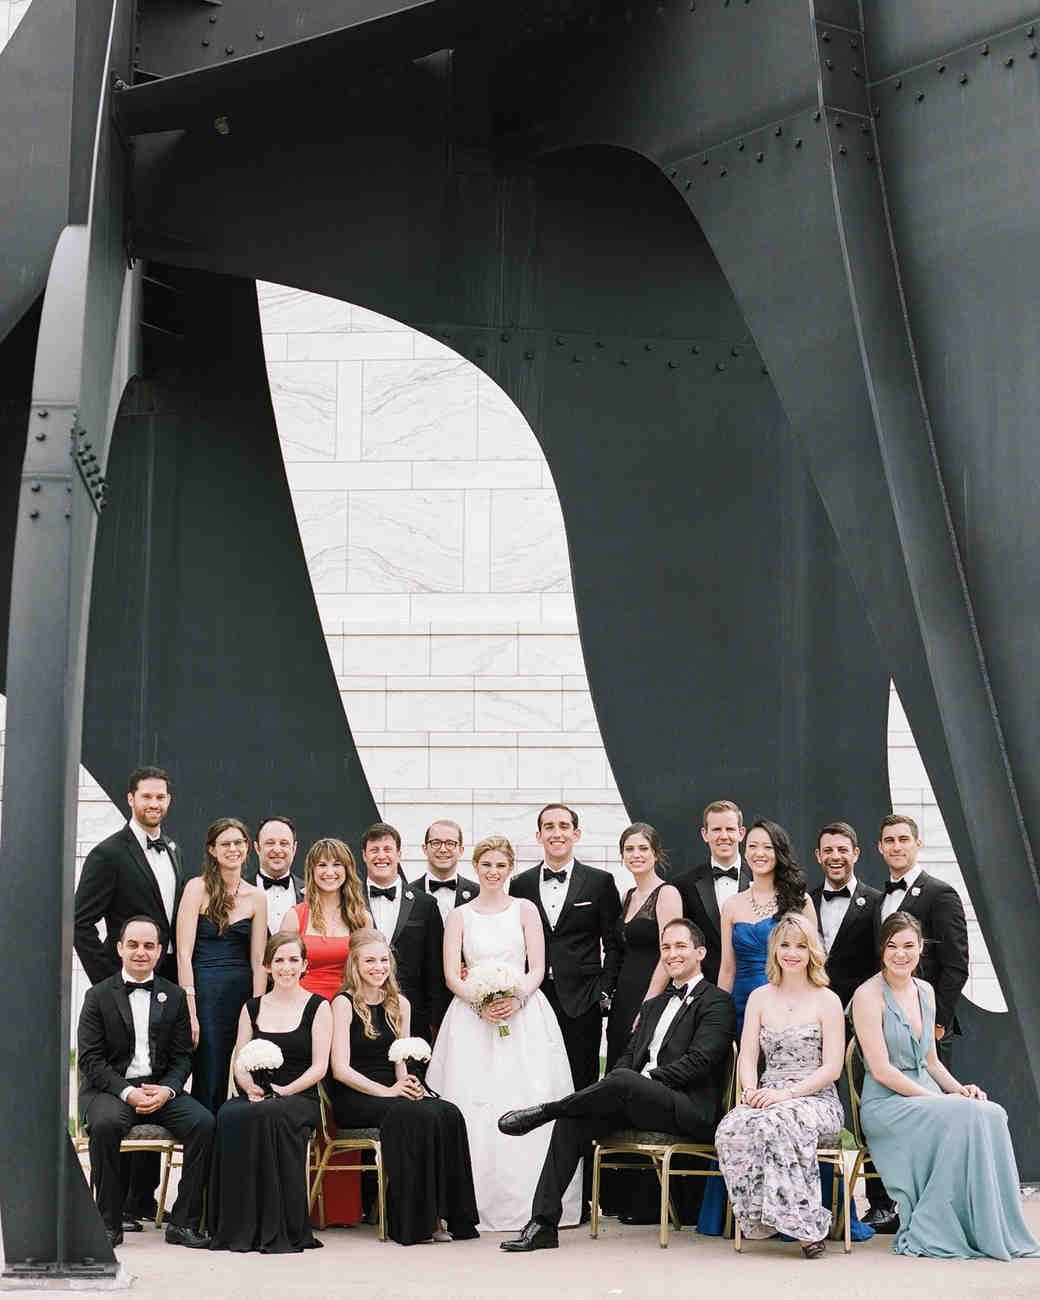 emily-max-wedding-michigan-305-s112396.jpg